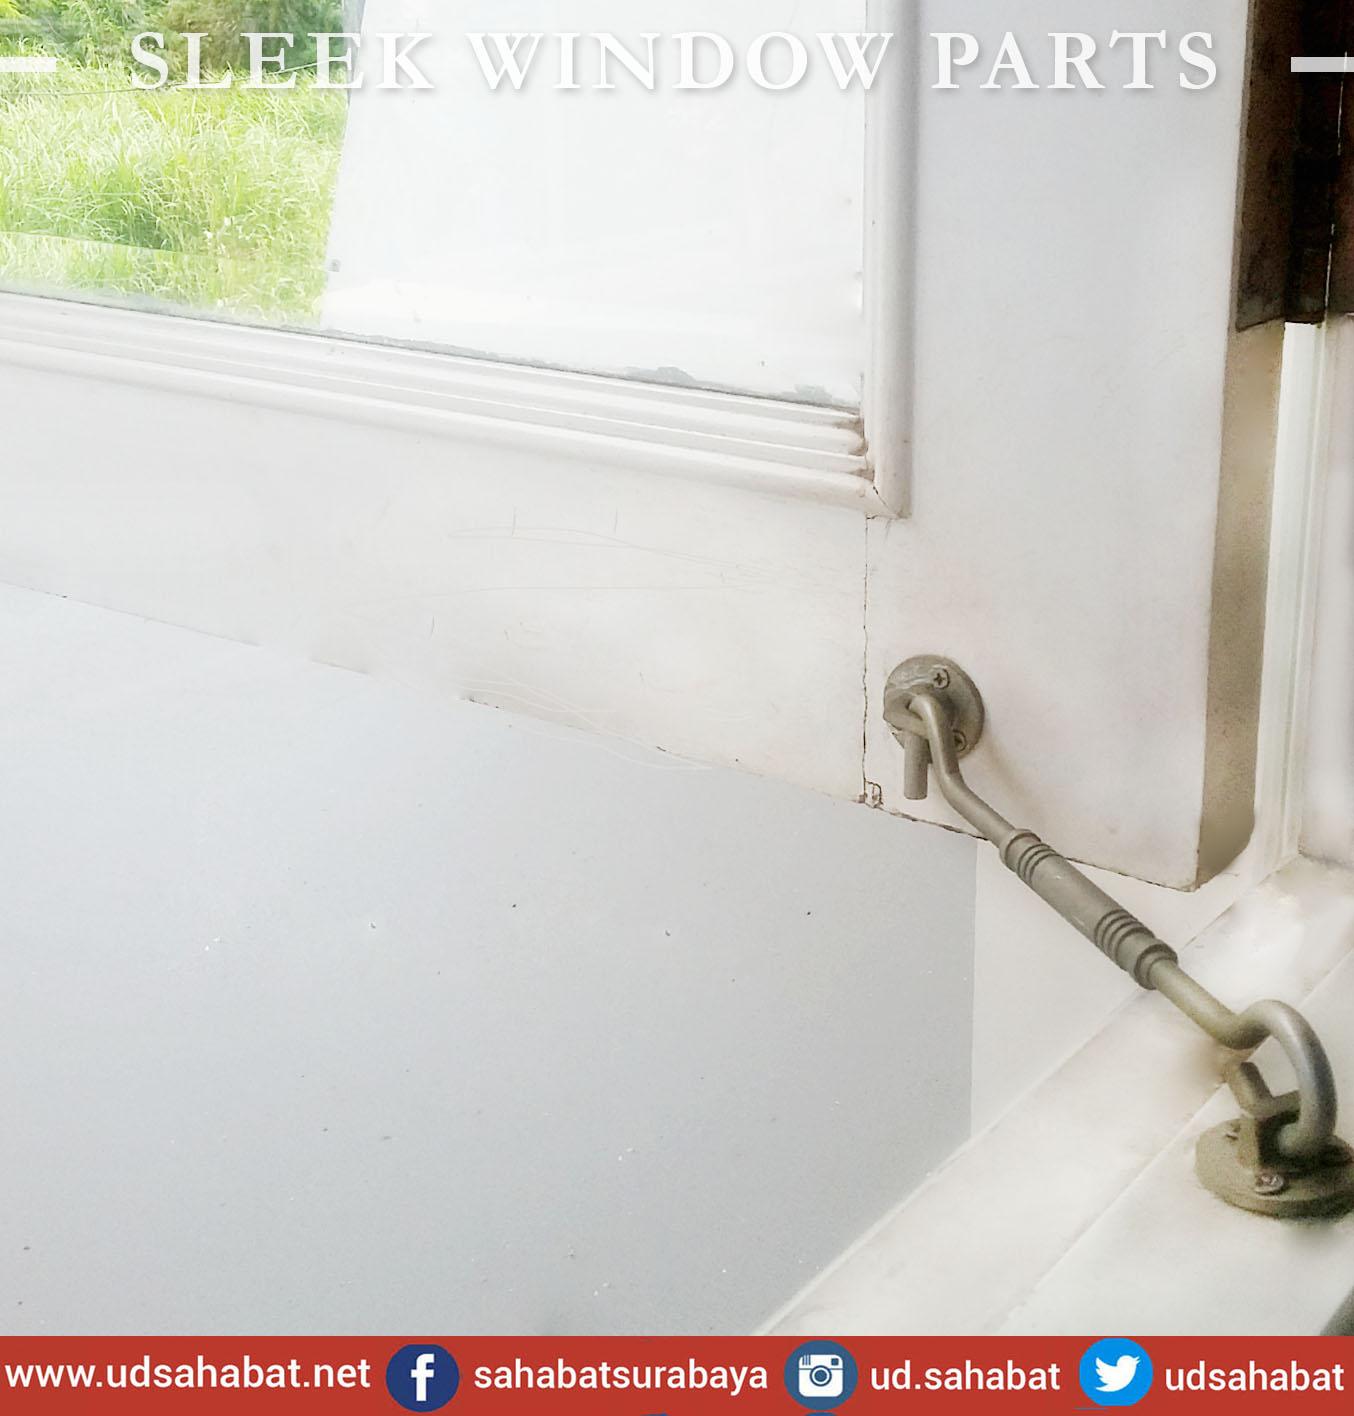 jual perlengkapan aksesori jendela dan pintu udsahabat surabaya baliwerti